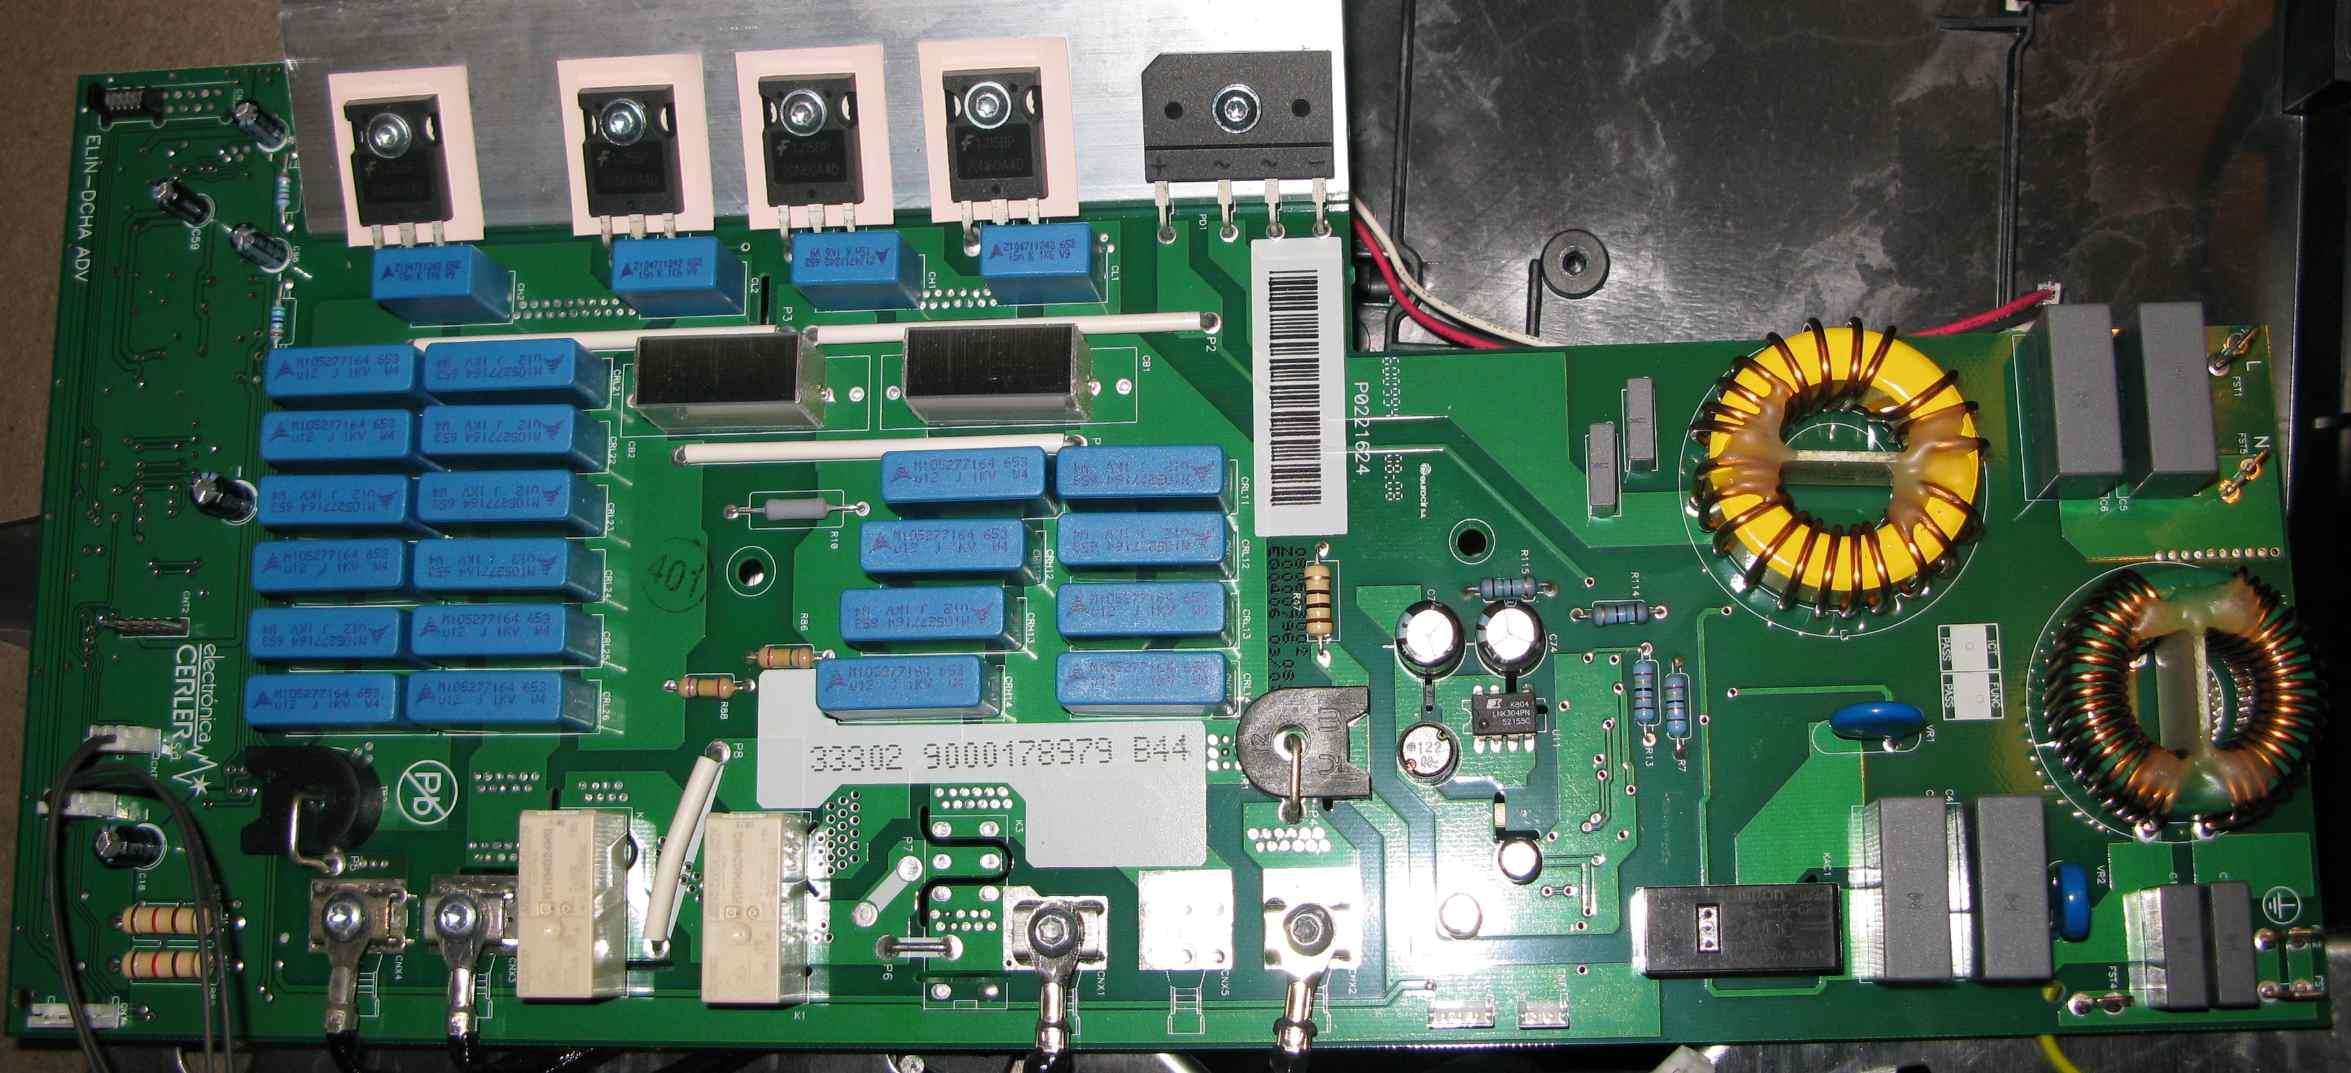 Plyta Indukcyjna Siemens Eh77s502e 09 Probkuje Nie Wykrywa E0